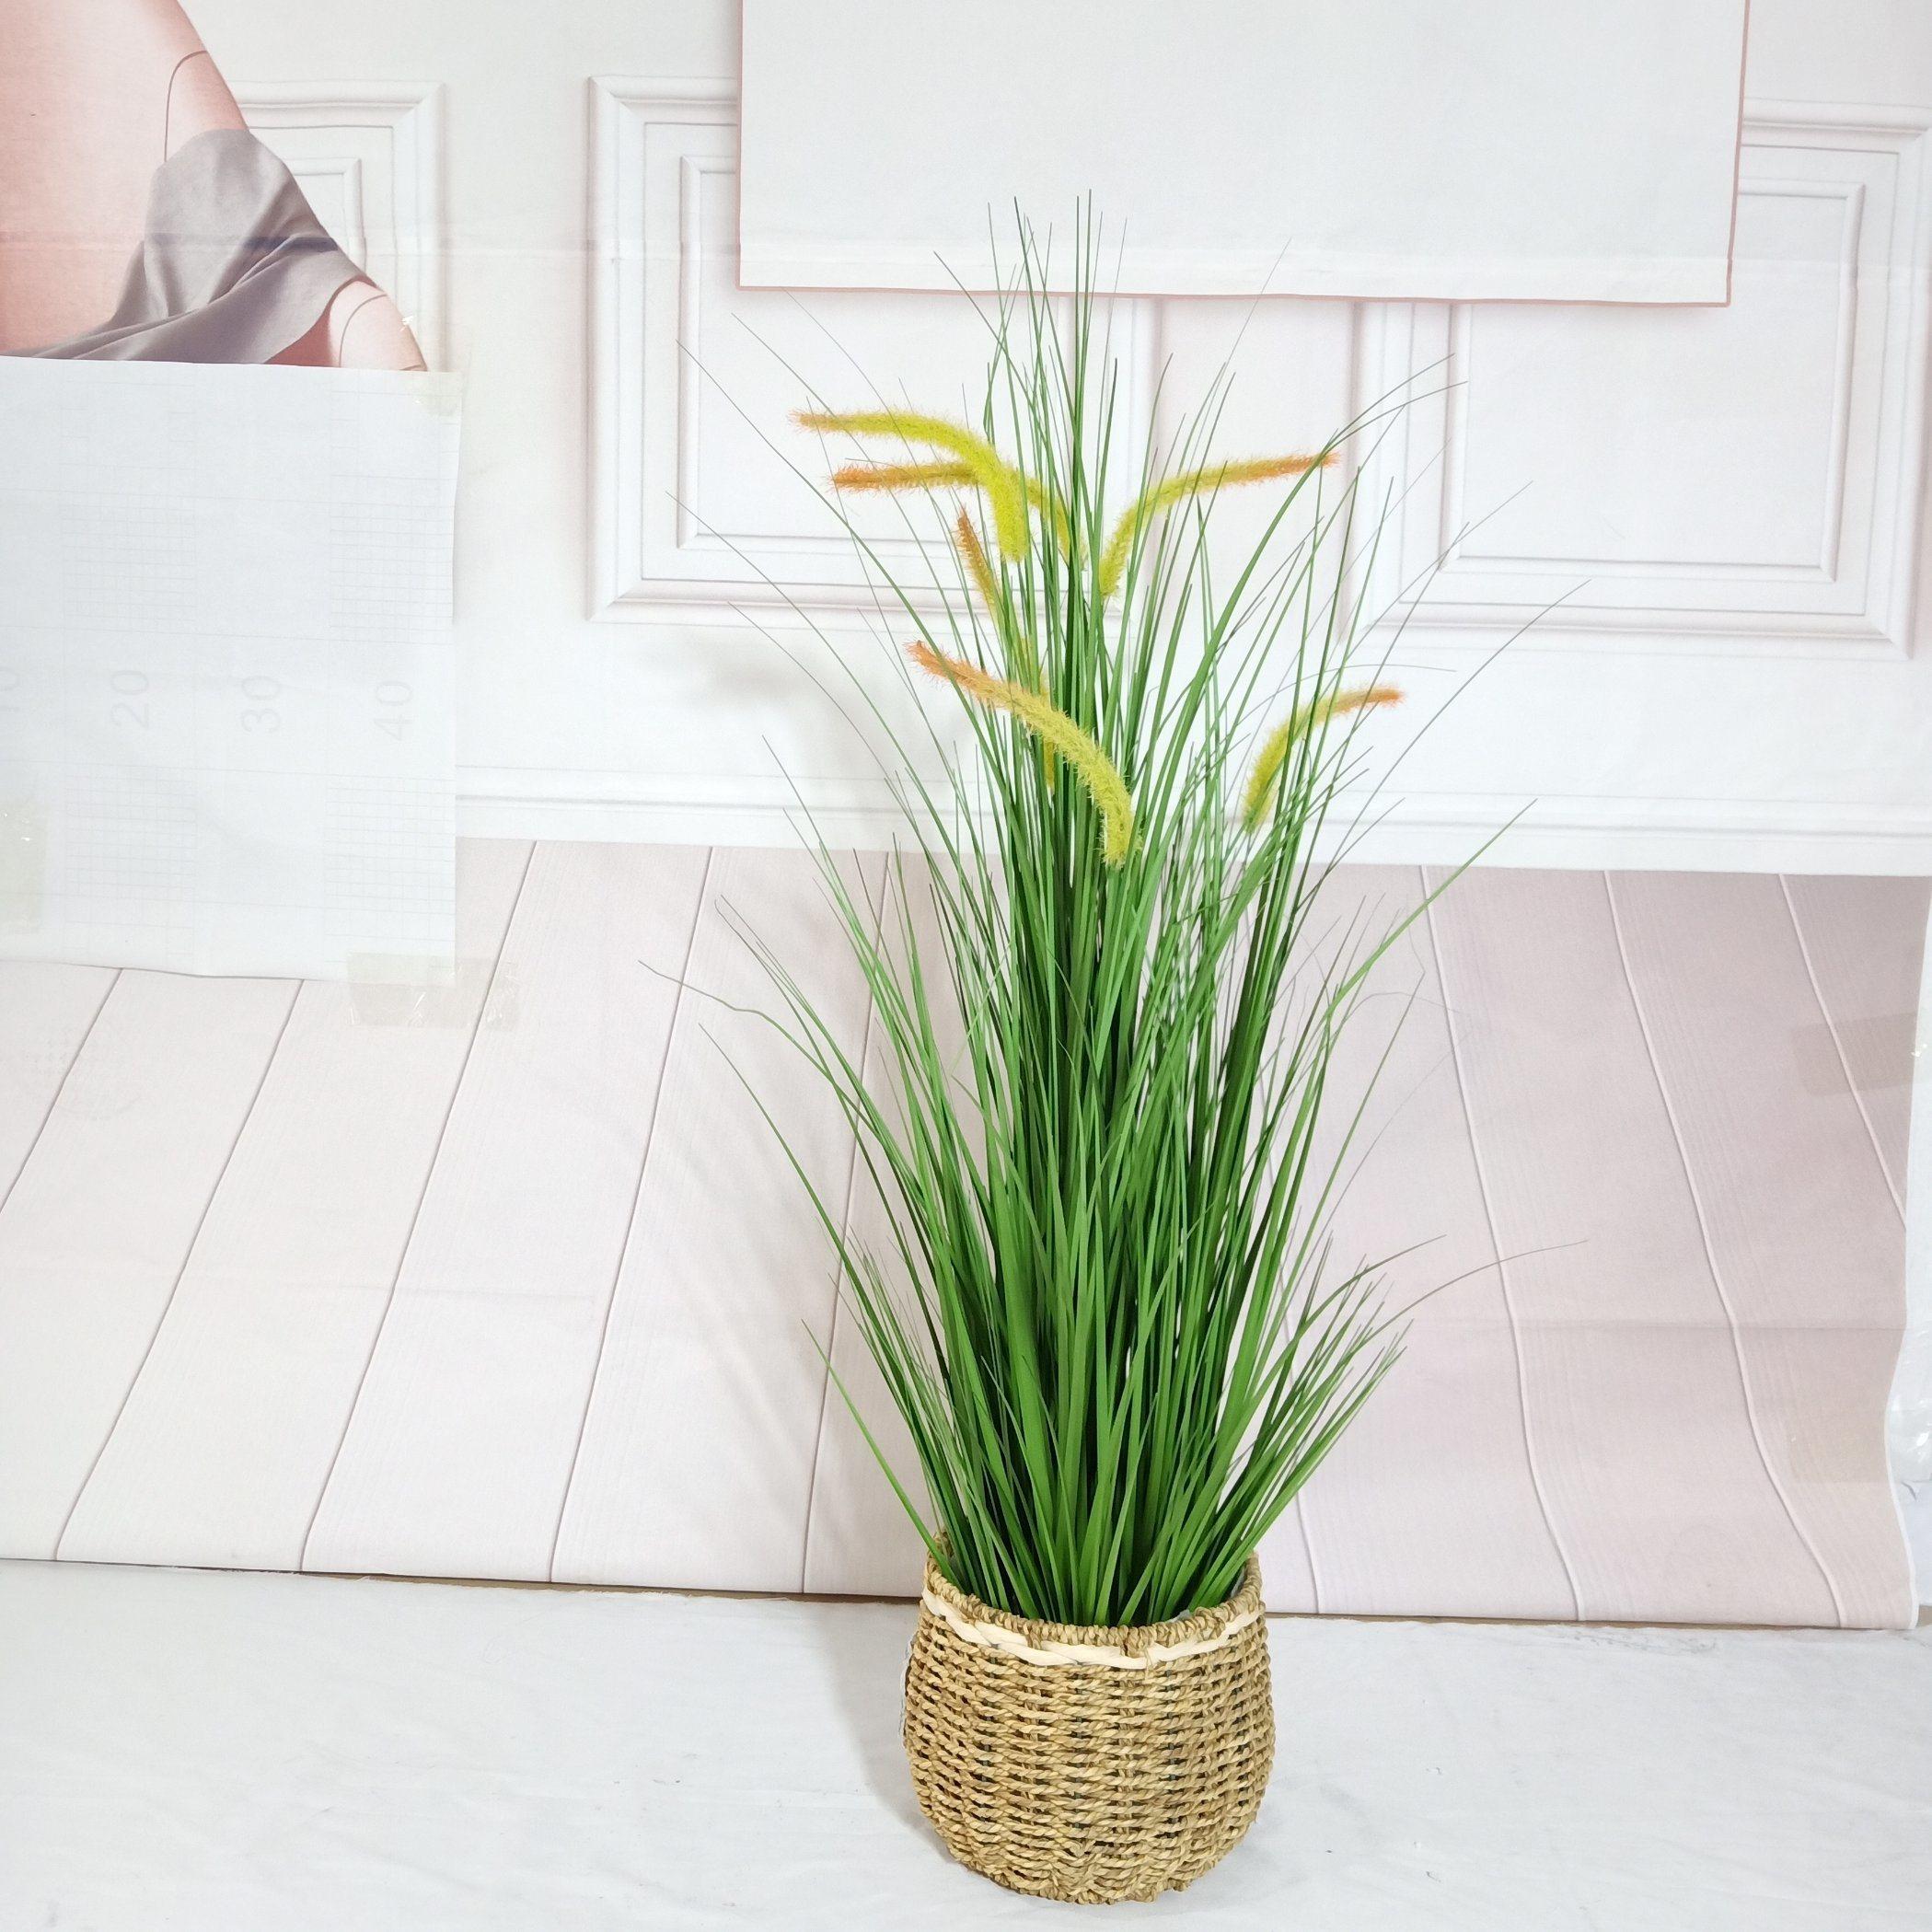 Factory Outlet Simulation en plastique décoratifs oignon de l'herbe artificielle Bonsai